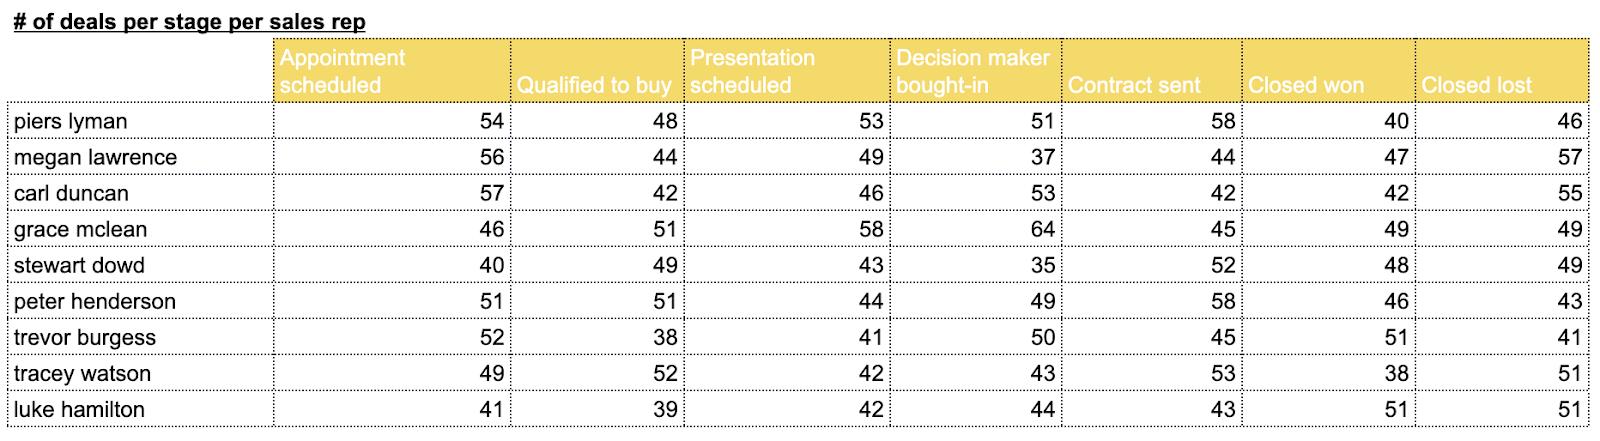 Sales metrics Hubspot Google sheets, per stage/rep